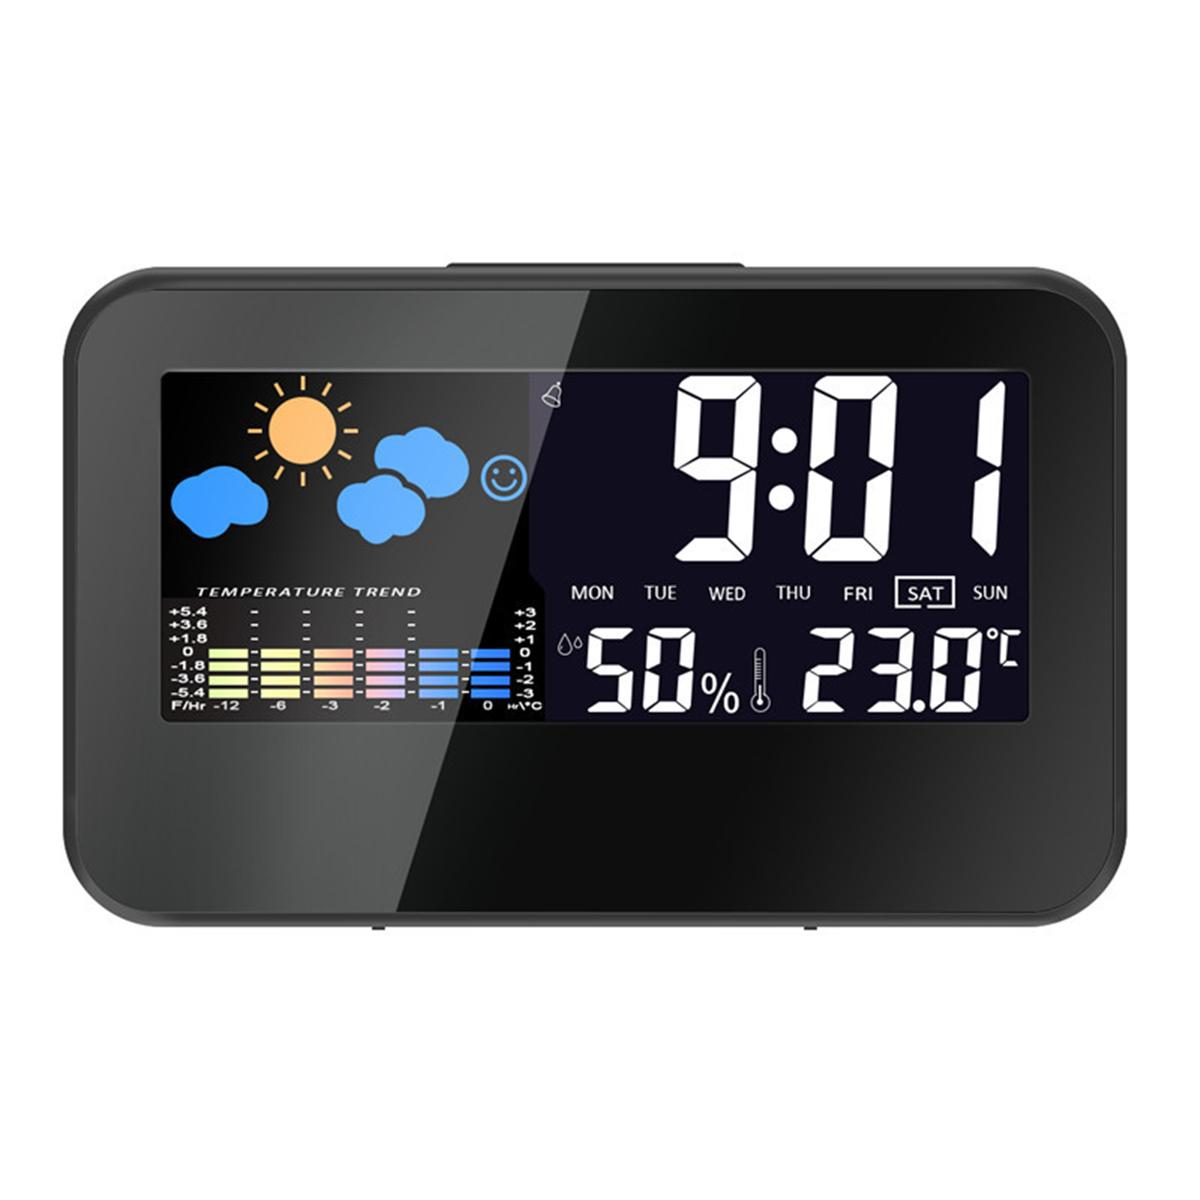 Loskii DC-002 Digitaler Wetterstation-Thermometer-Hygrometer-Wecker mit buntem LED Anzeigen intelligenter stichhaltiger Steuerung Kalender Hintergrundbeleuchtung Funktion